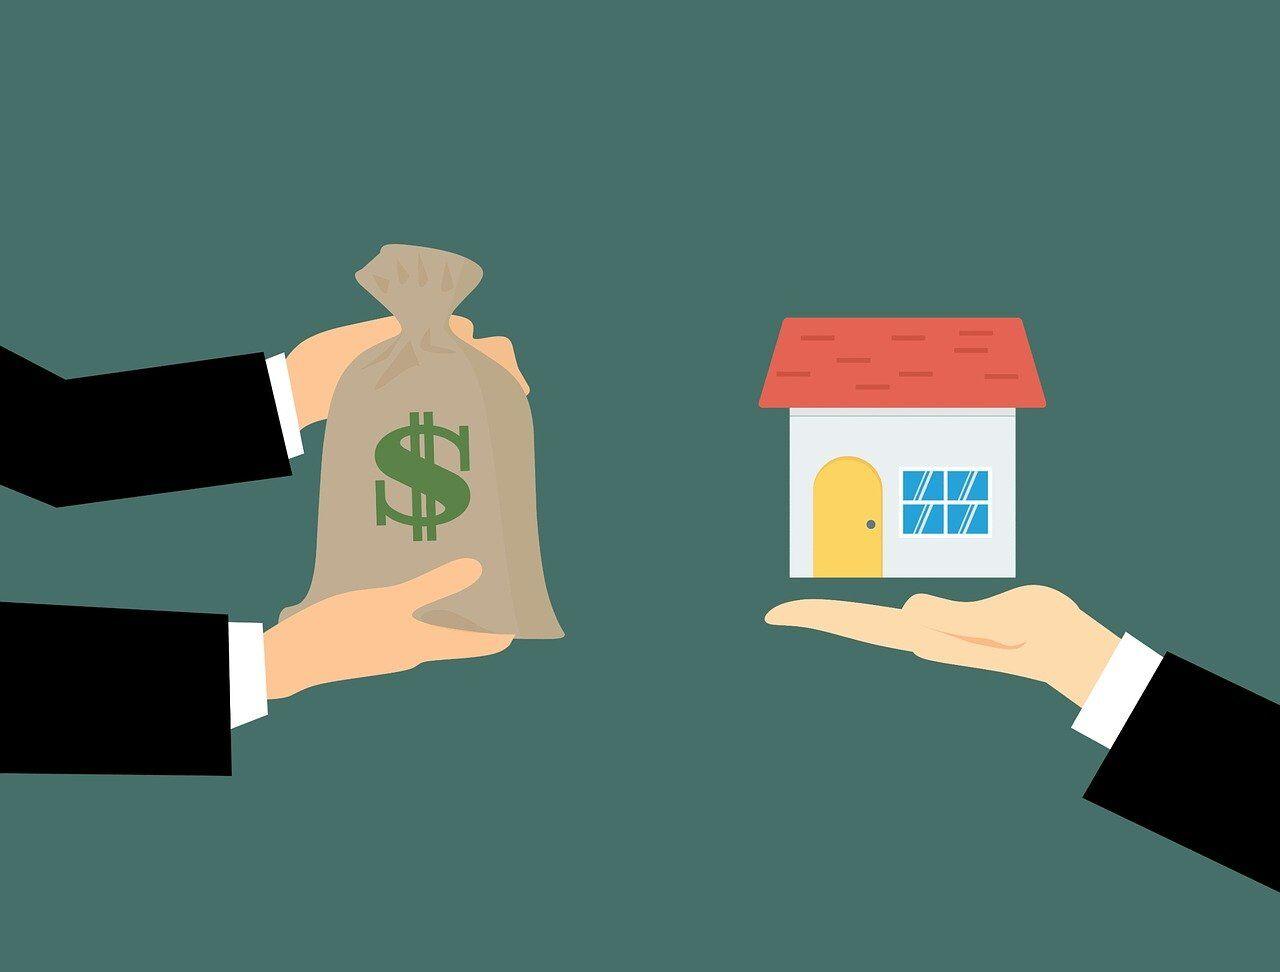 aumenta-5-%-el-valor-de-los-activos-inmobiliarios-mundiales-savills-1-alt